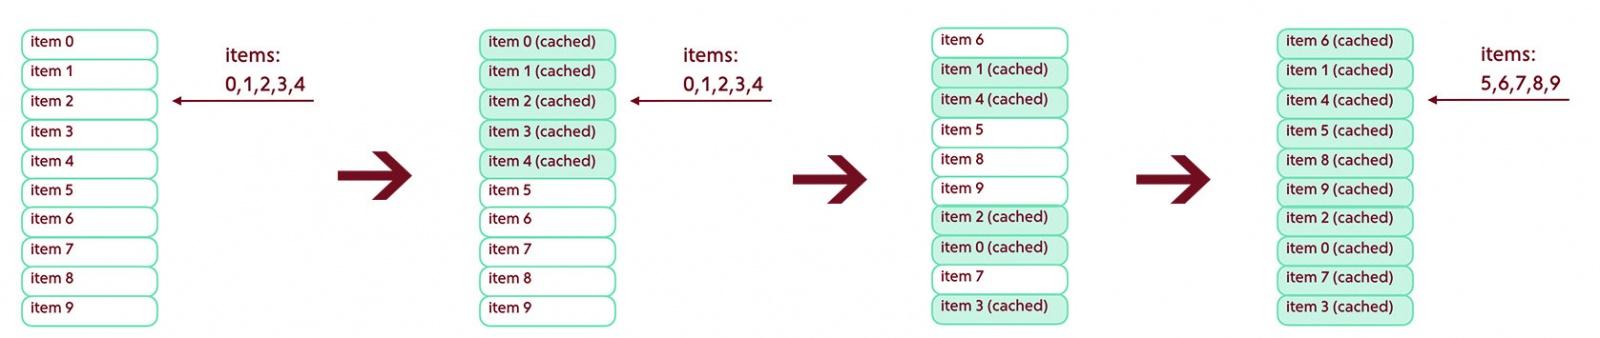 Подгрузка вниз / Выдача может быть реструктуризована в случайный момент времени